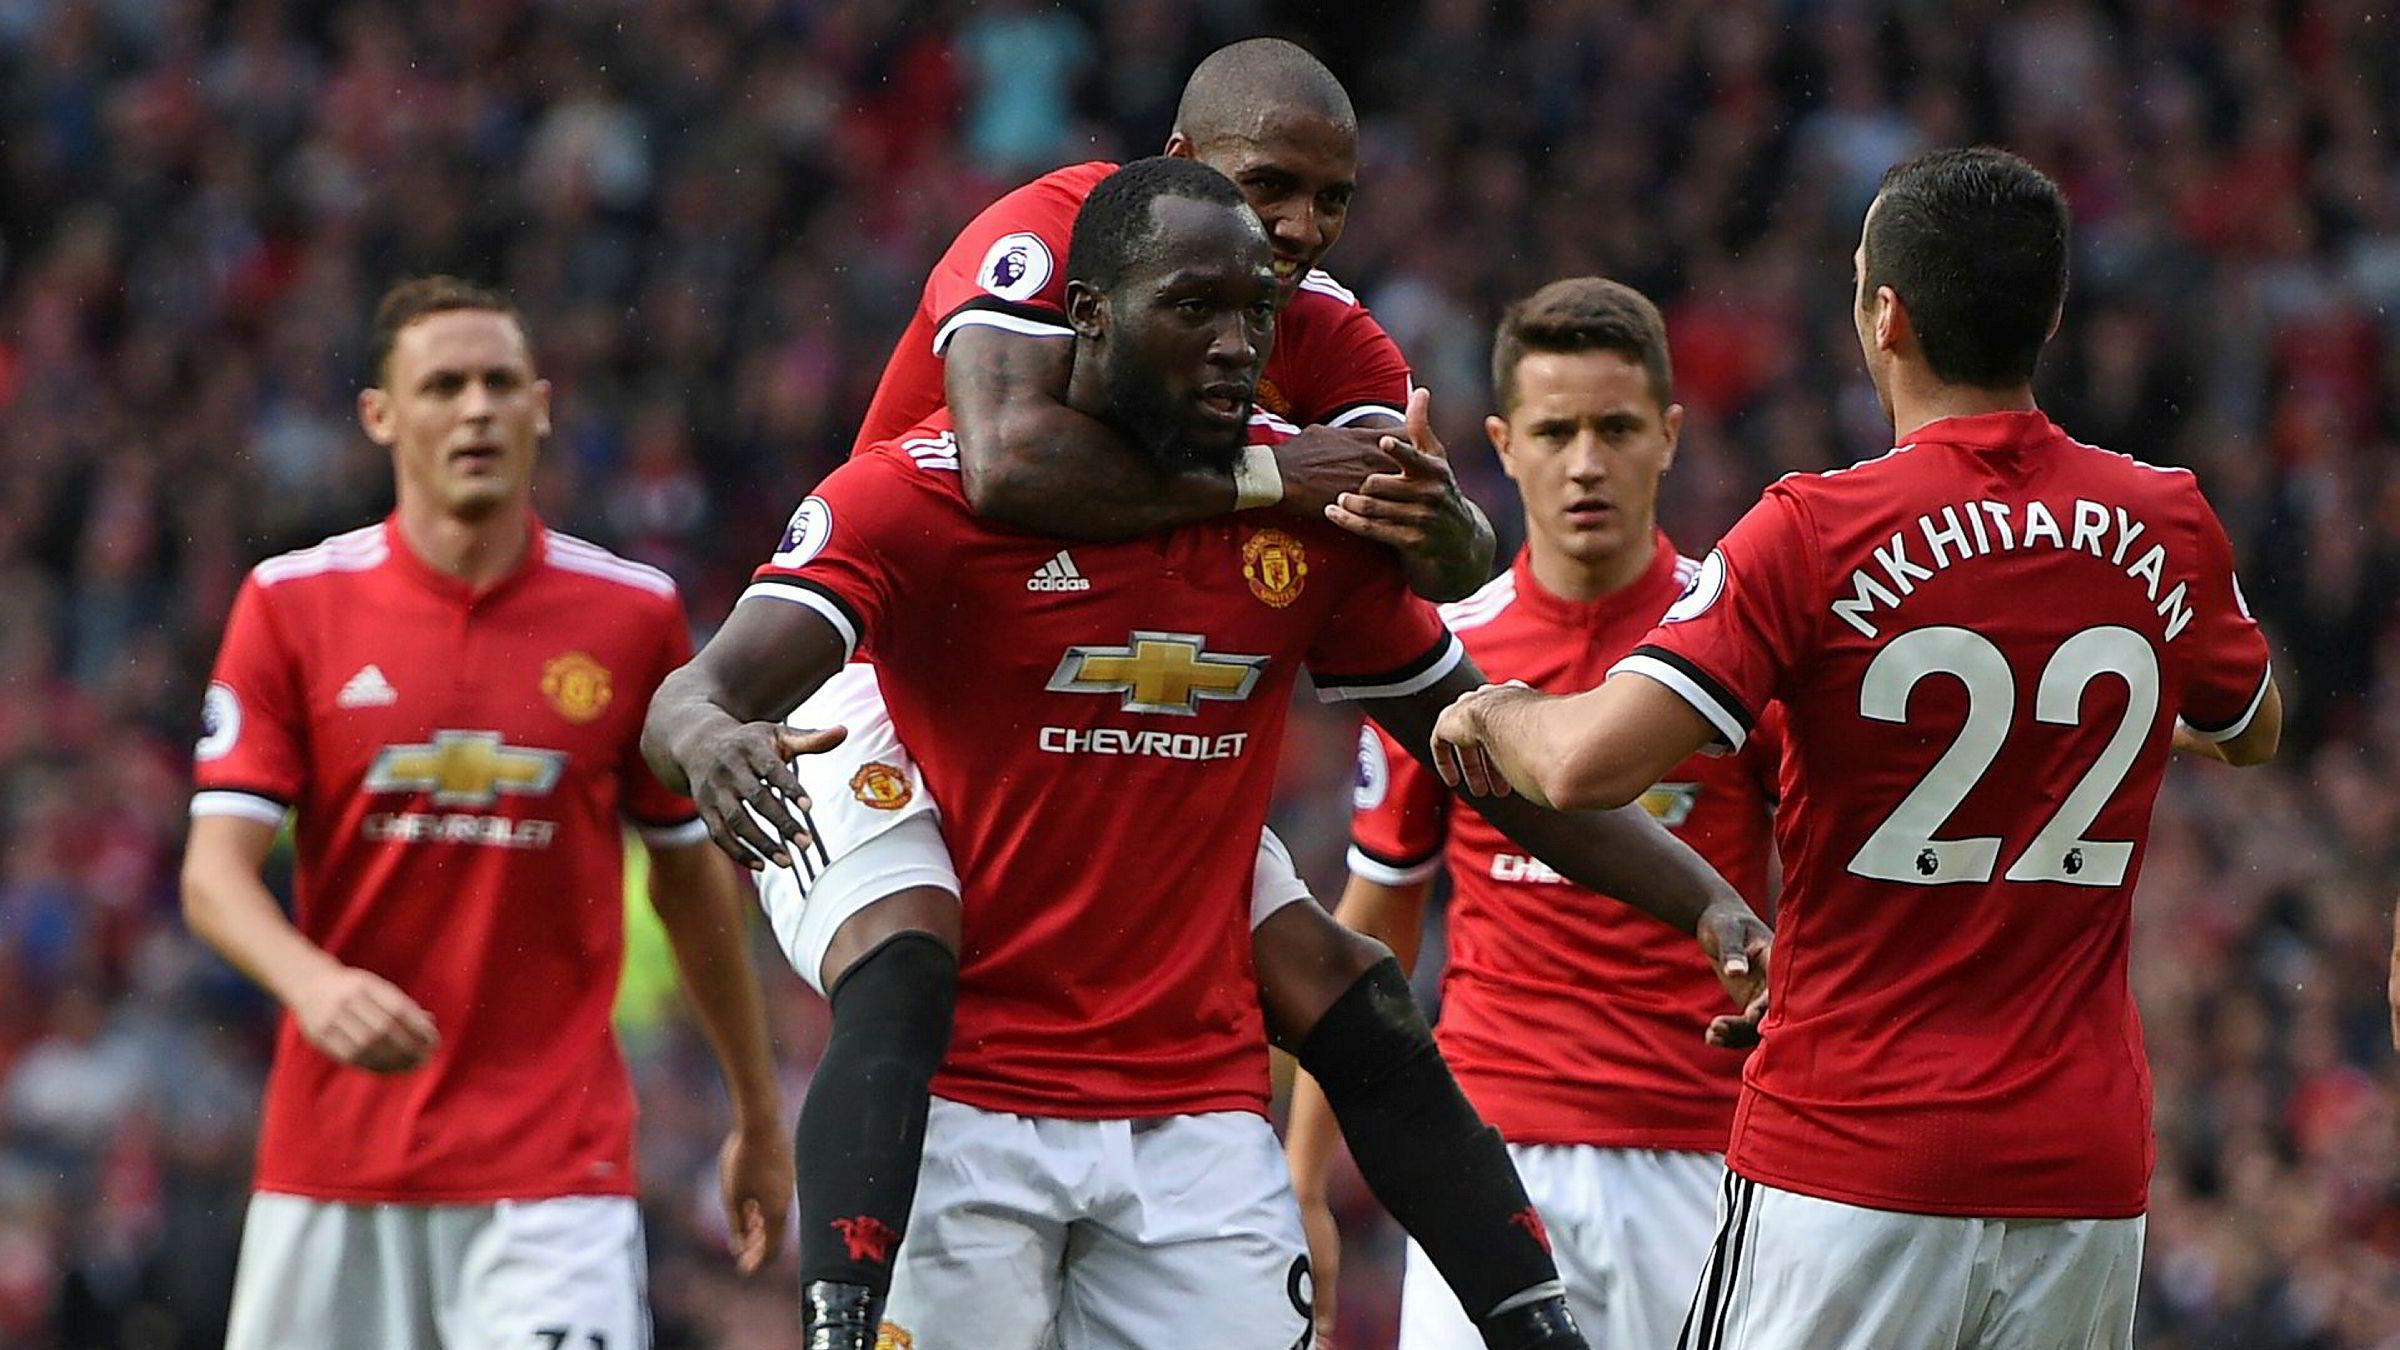 Romelu Lukaku feirer med lagkameratene etter Manchester Uniteds andre mål mot Everton 17. september. Nå vil Amazon, Facebook og Netflix kjempe om rettighetene til ligaen, ifølge klubbens administrerende direktør Ed Woodward.